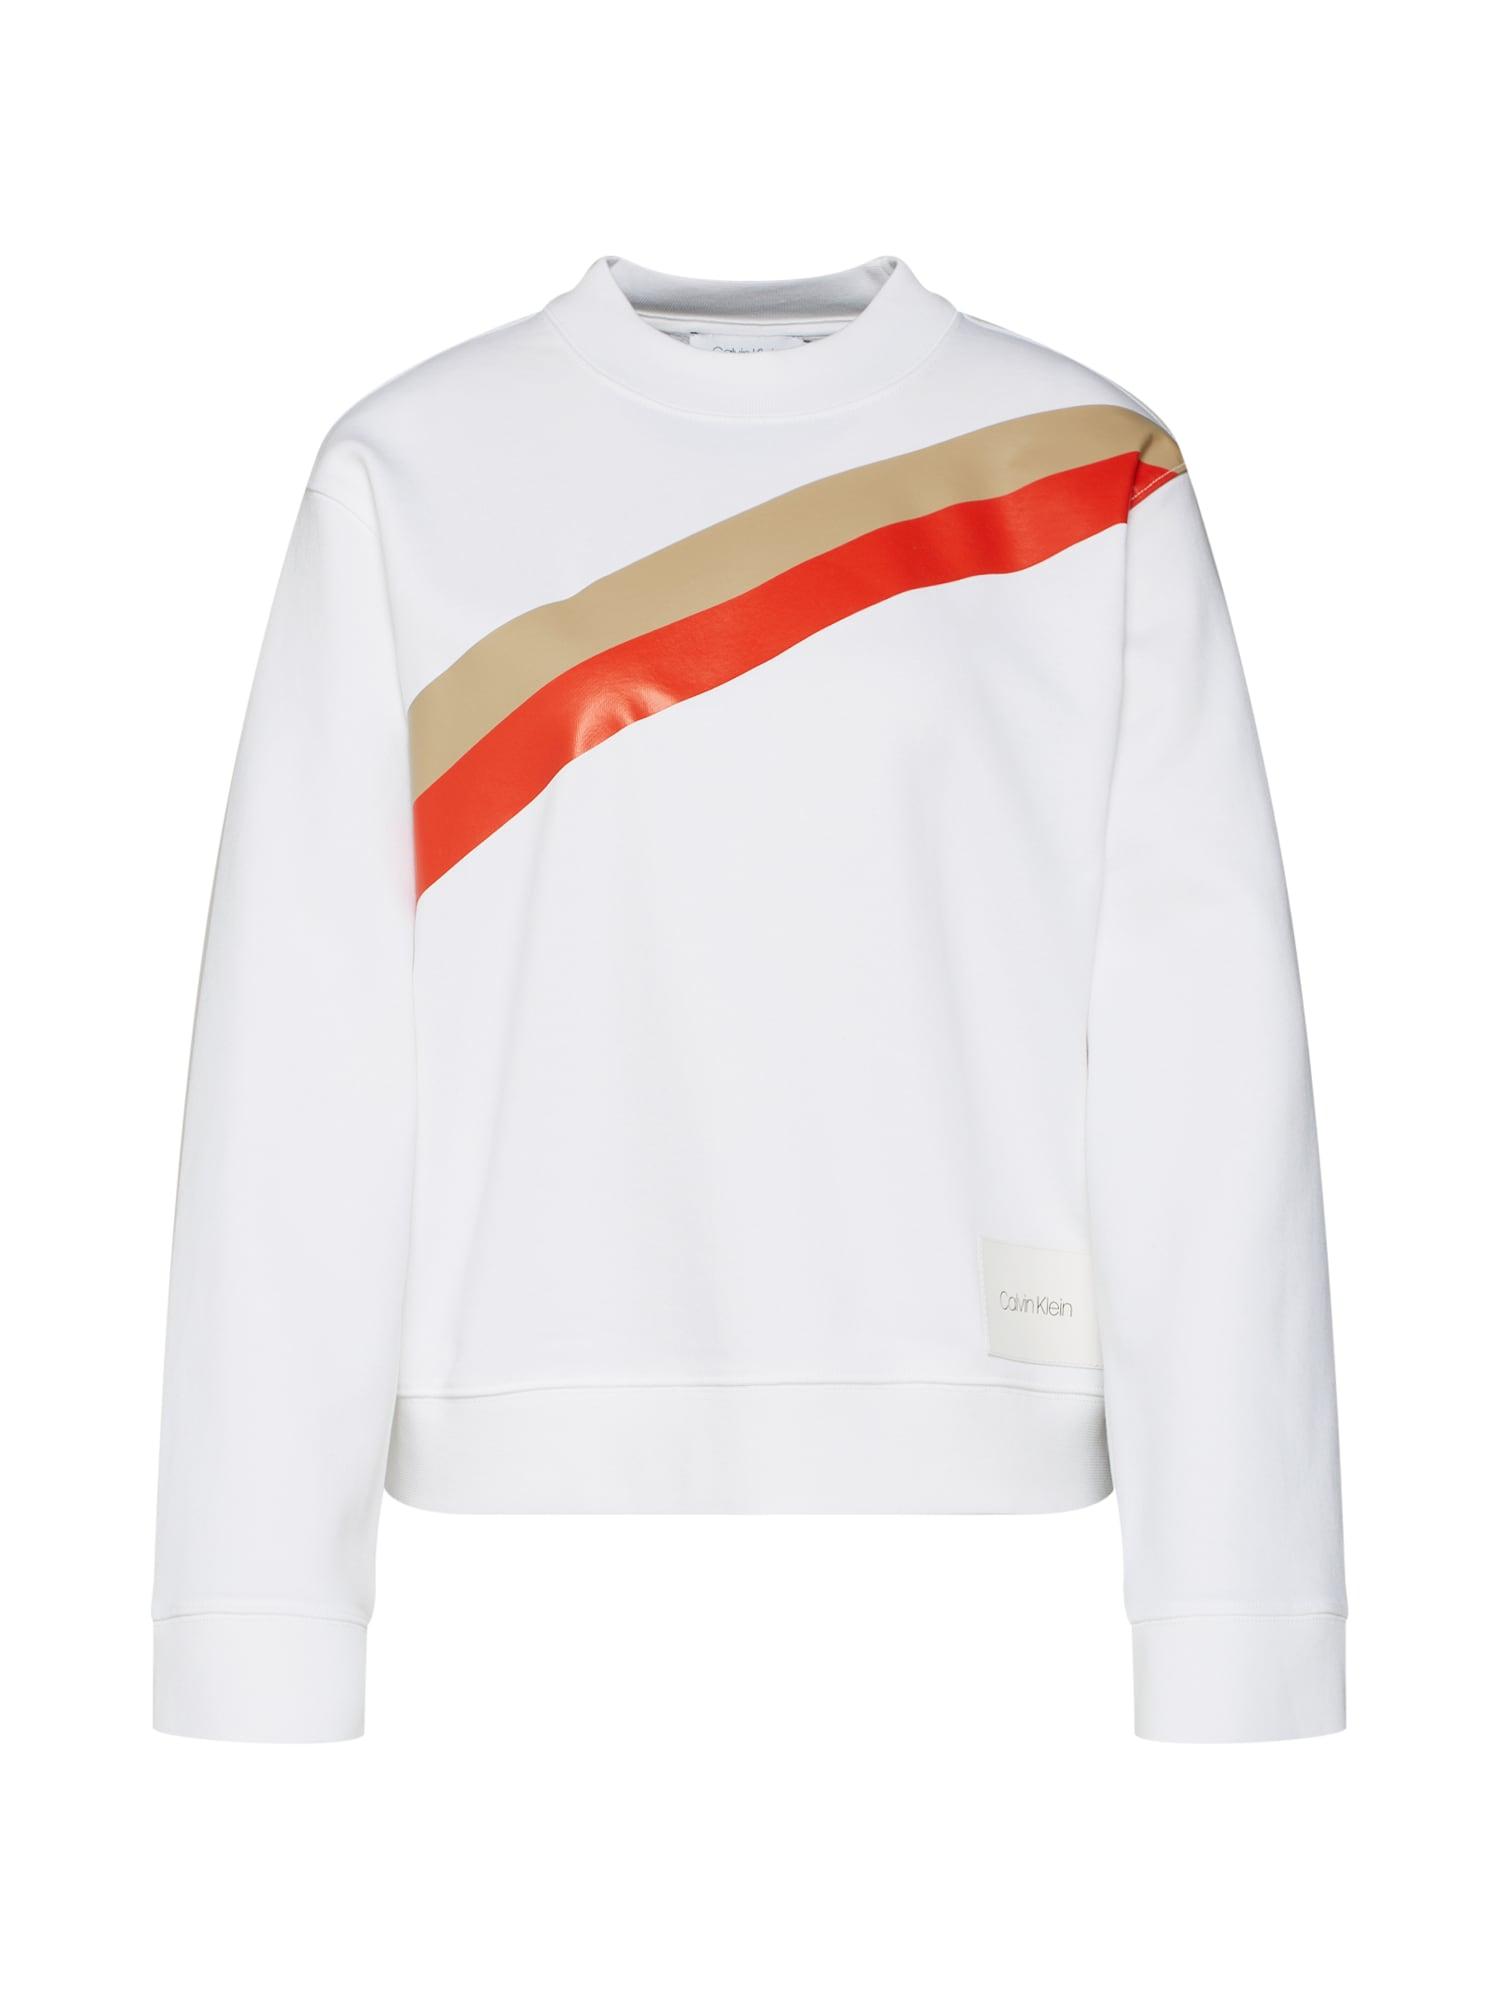 Mikina YOKE STRIPE FUNNEL SWEATSHIRT LS zlatá světle červená bílá Calvin Klein